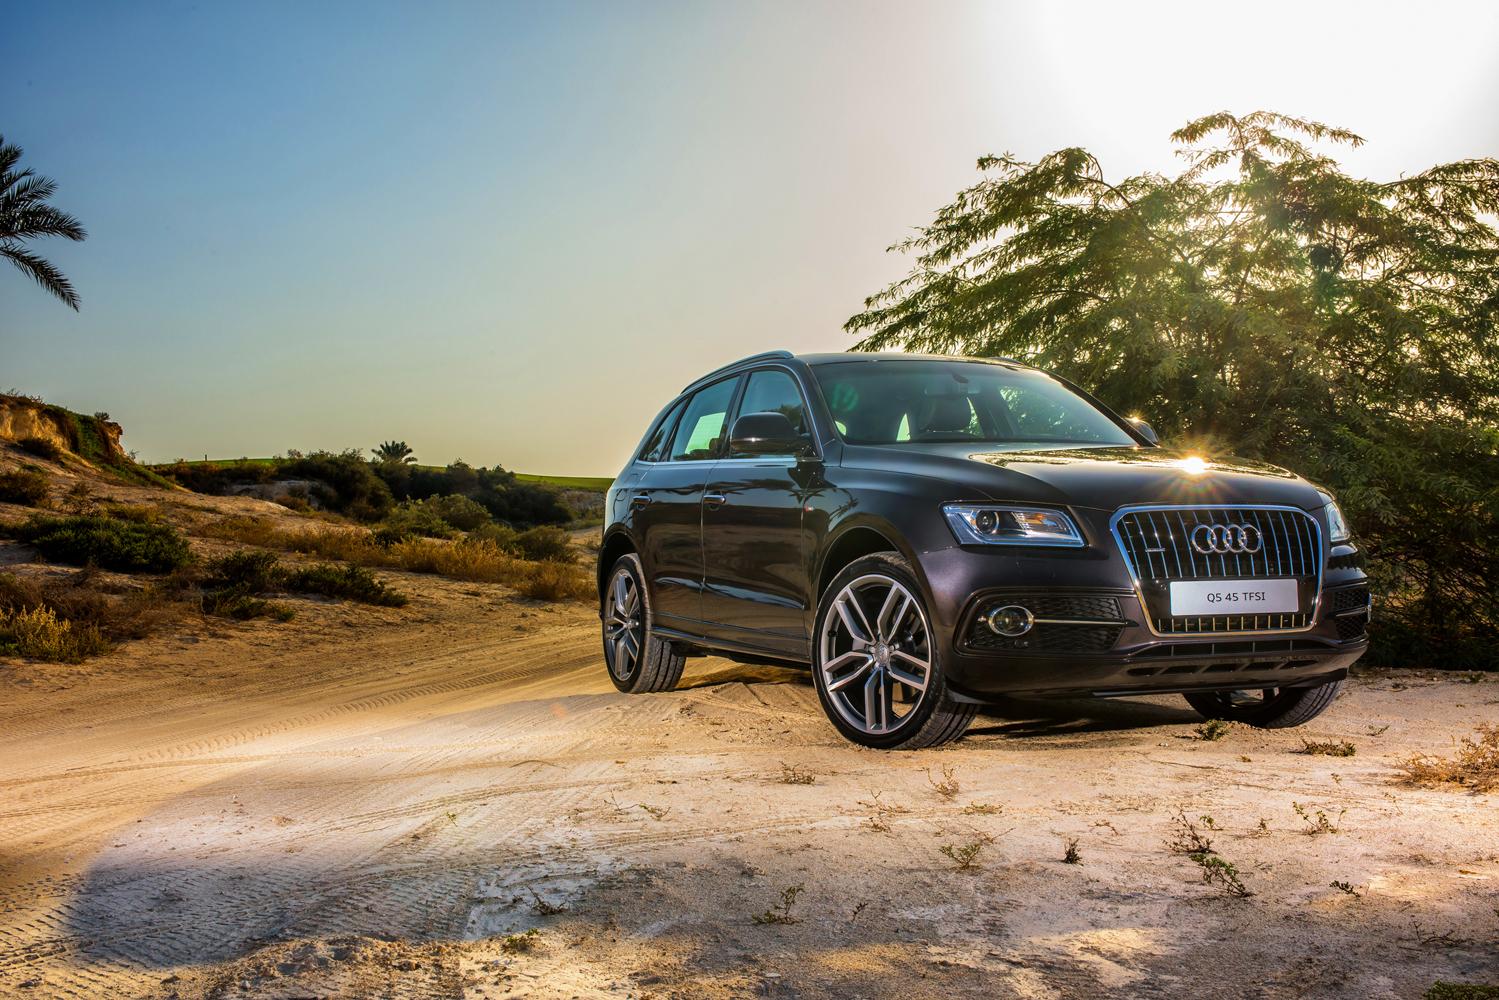 Audi Bahrain Audi Q5 Shoot Royal Golf Club Bahrain - Ali Haji.jpg